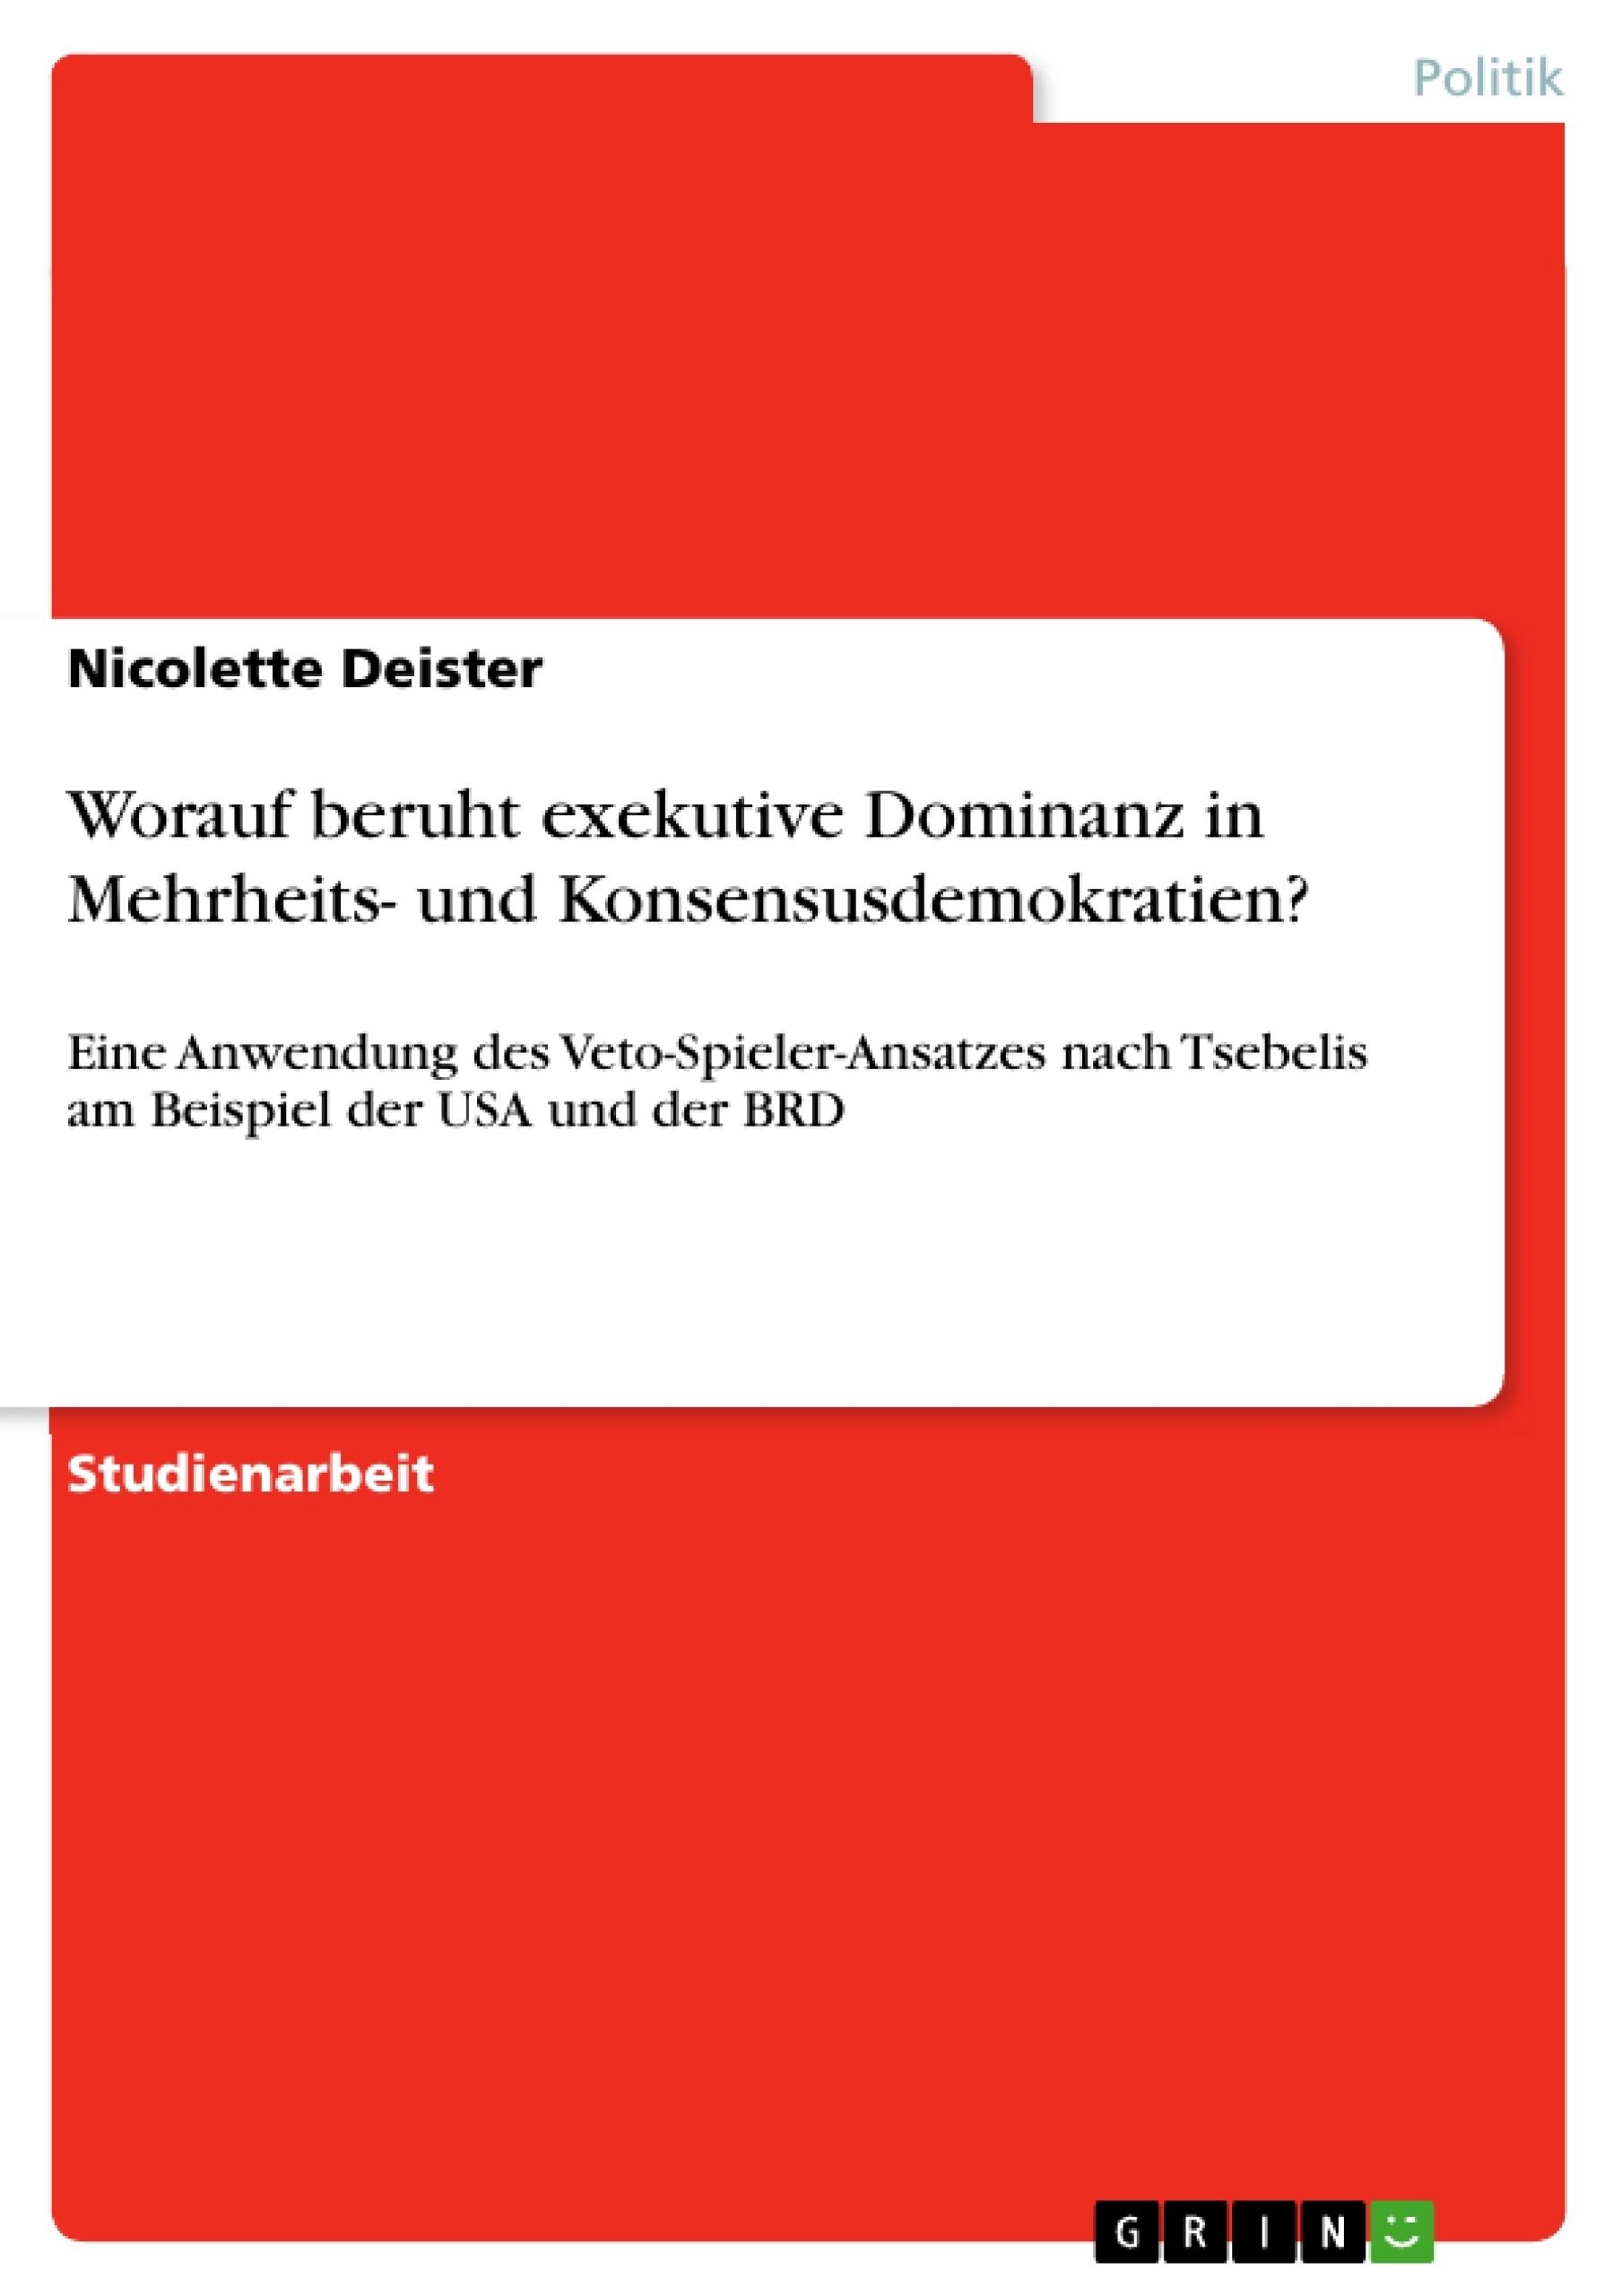 Titel: Worauf beruht exekutive Dominanz in Mehrheits- und Konsensusdemokratien?